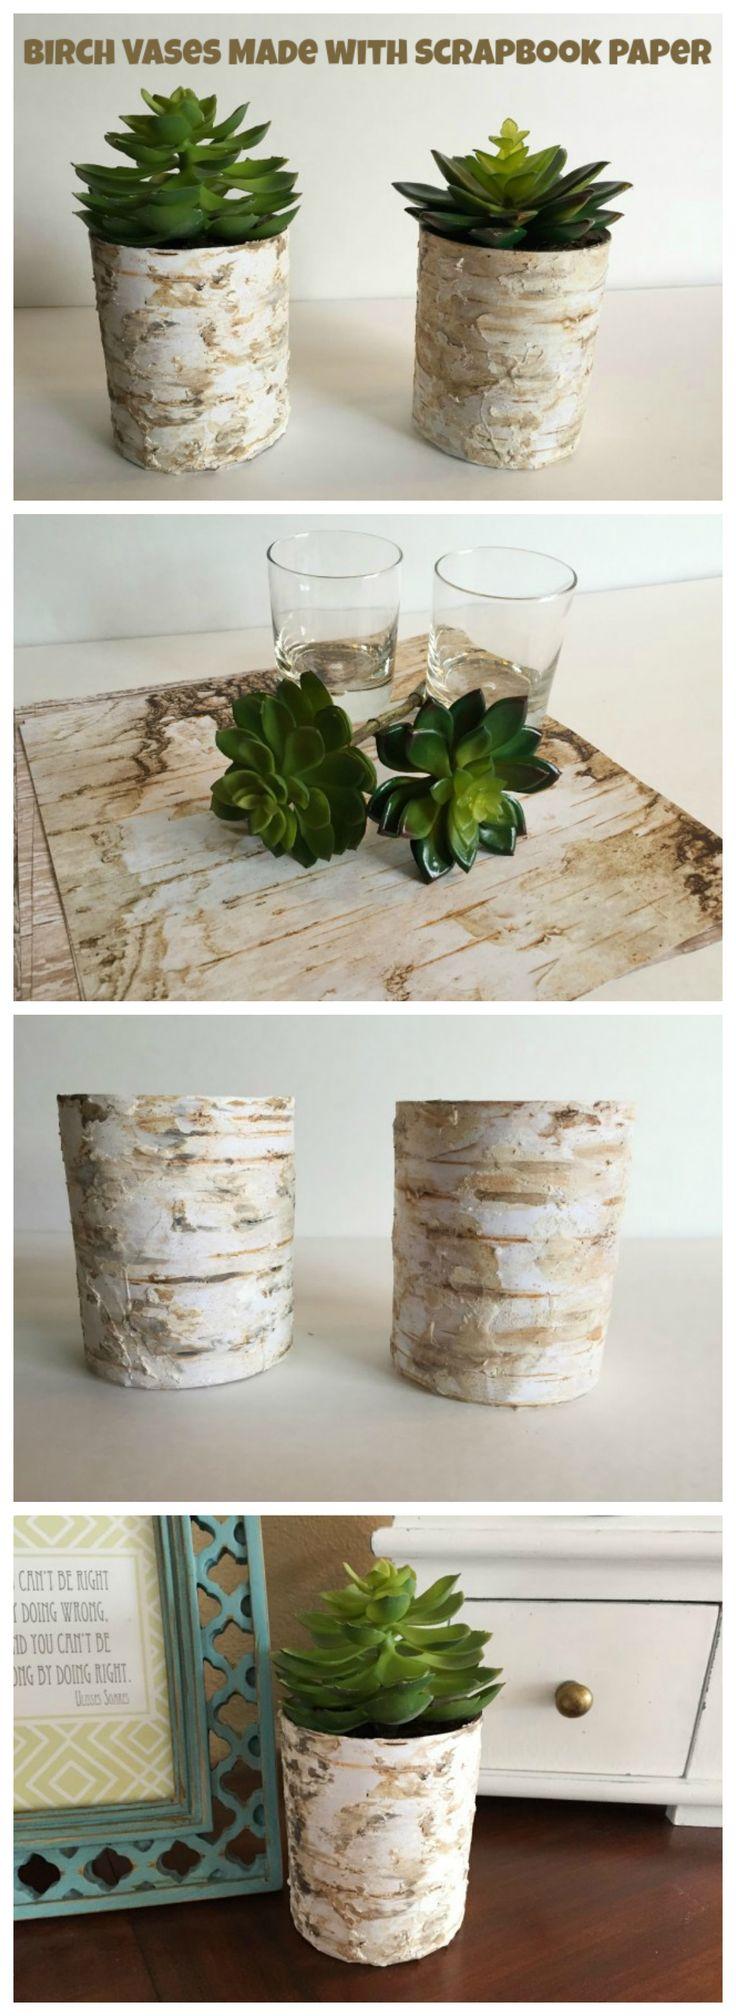 DIY Birch Vases Made with Scrapbook Paper